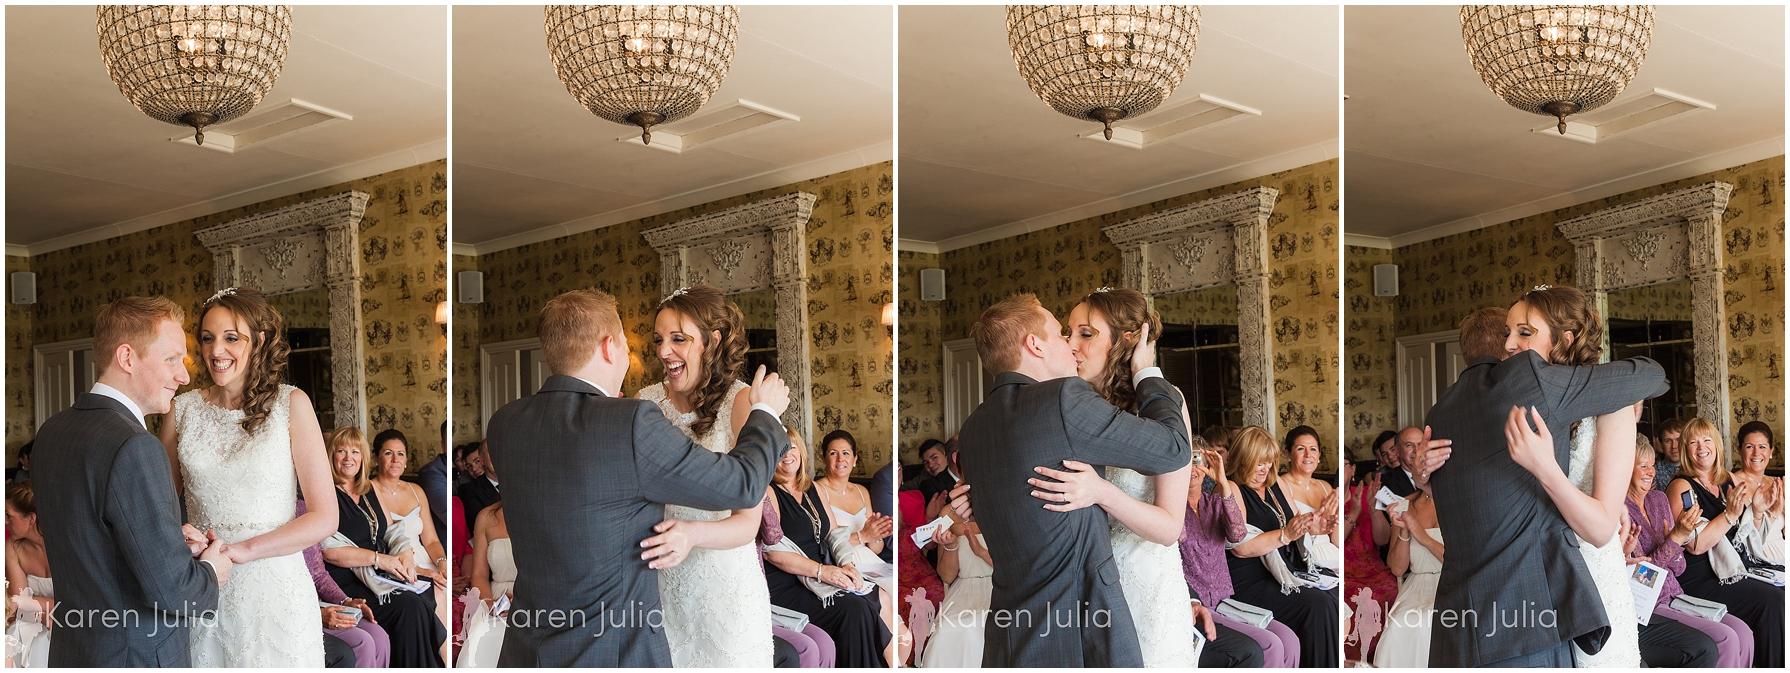 Shireburn-Arms-Wedding-Photography-23